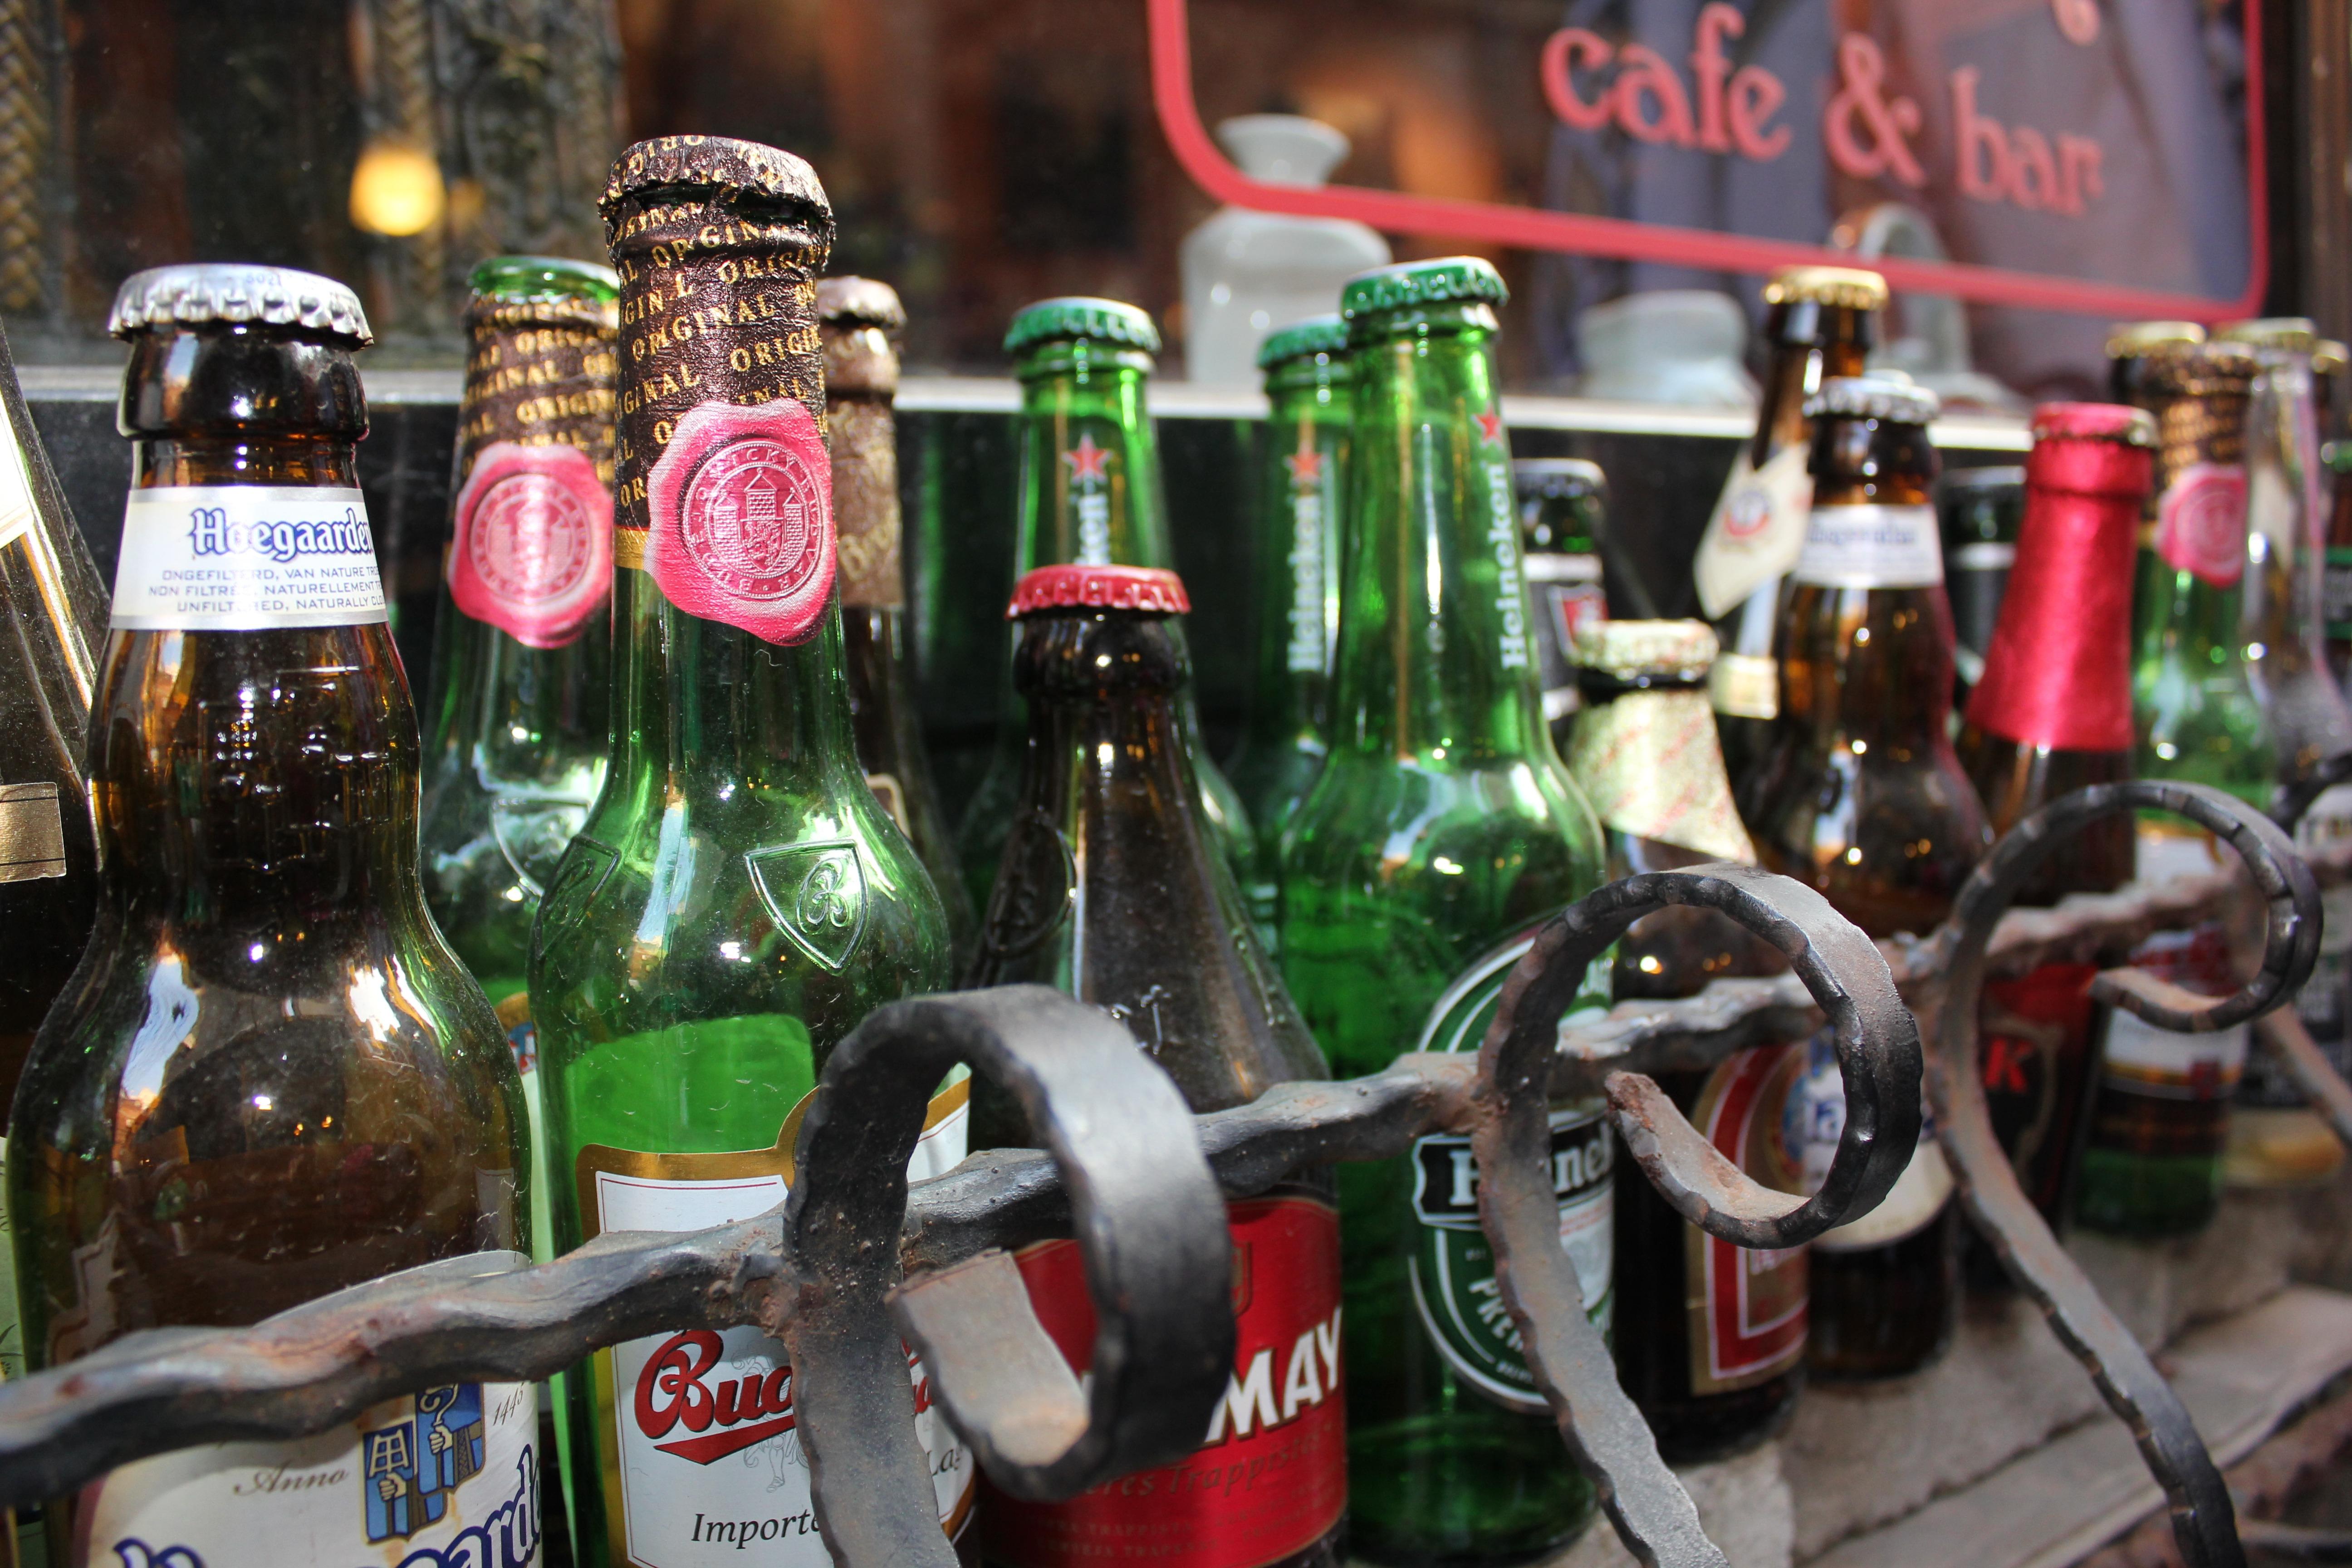 hình ảnh : quán ba, đồ uống, bia, chai rượu, buổi tiệc, vui sướng, Rượu mùi, đồ uống có cồn, Đồ uống chưng cất 5184x3456